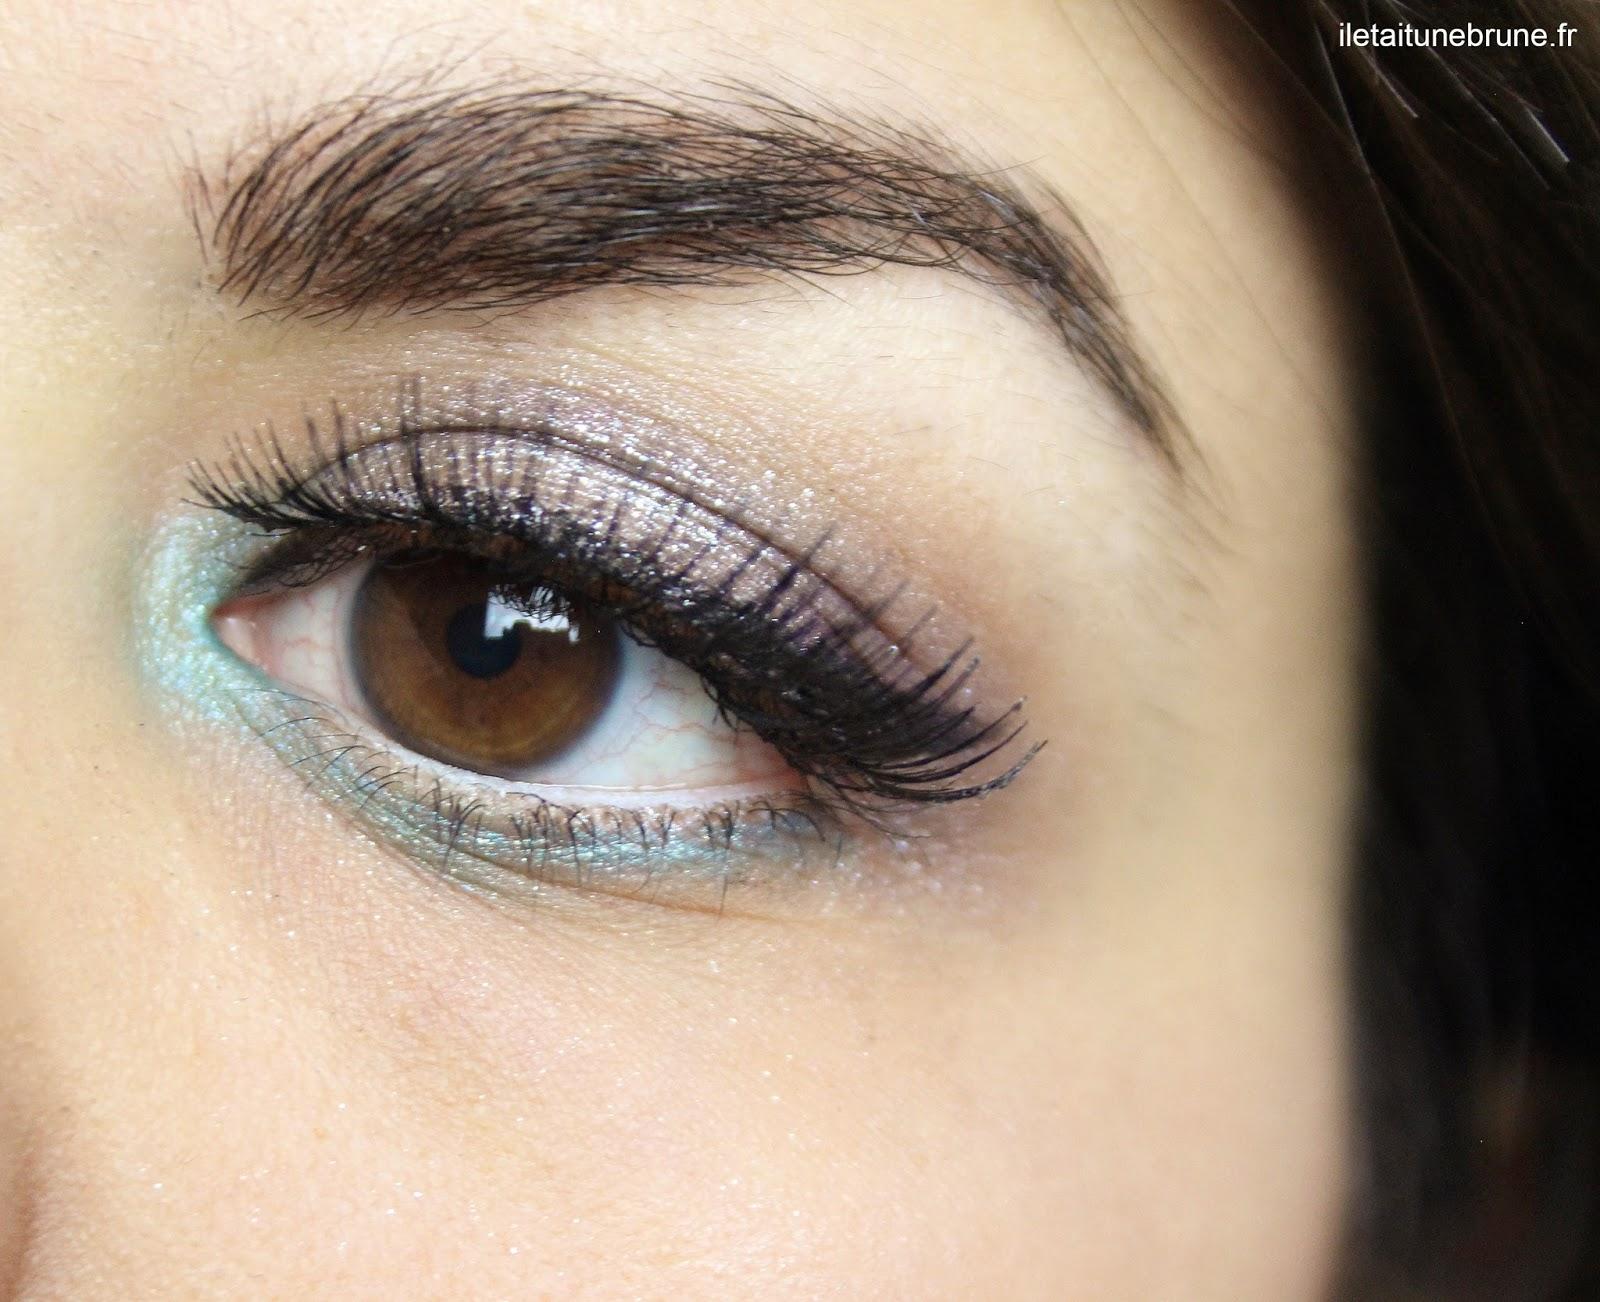 maquillage bleu azur, argenté, violet, avec faux-cils et eyeliner